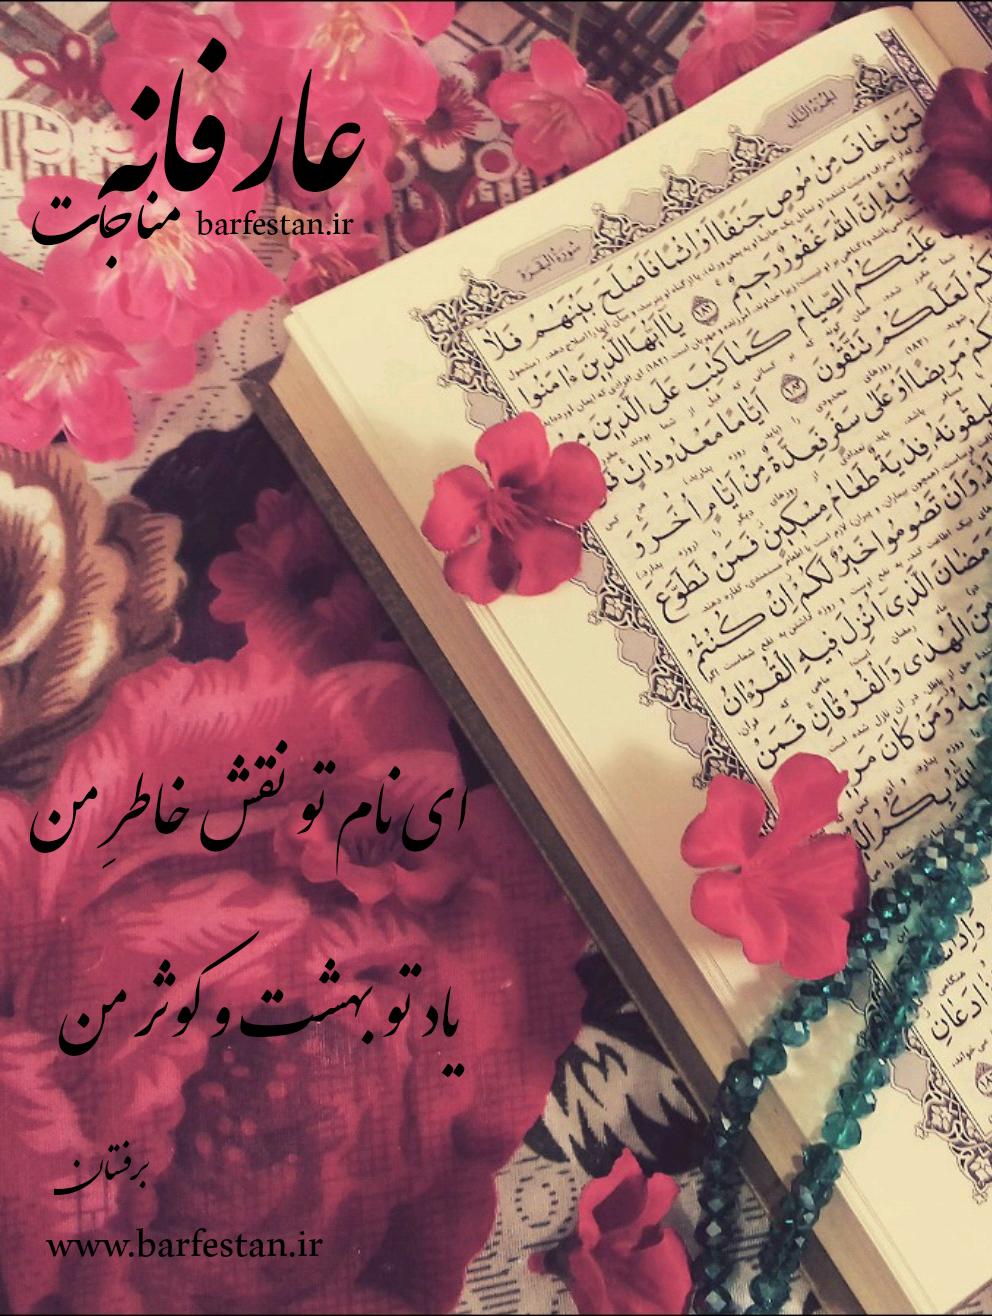 برفستان؛عارفانه، مناجات؛قسمت هفتم